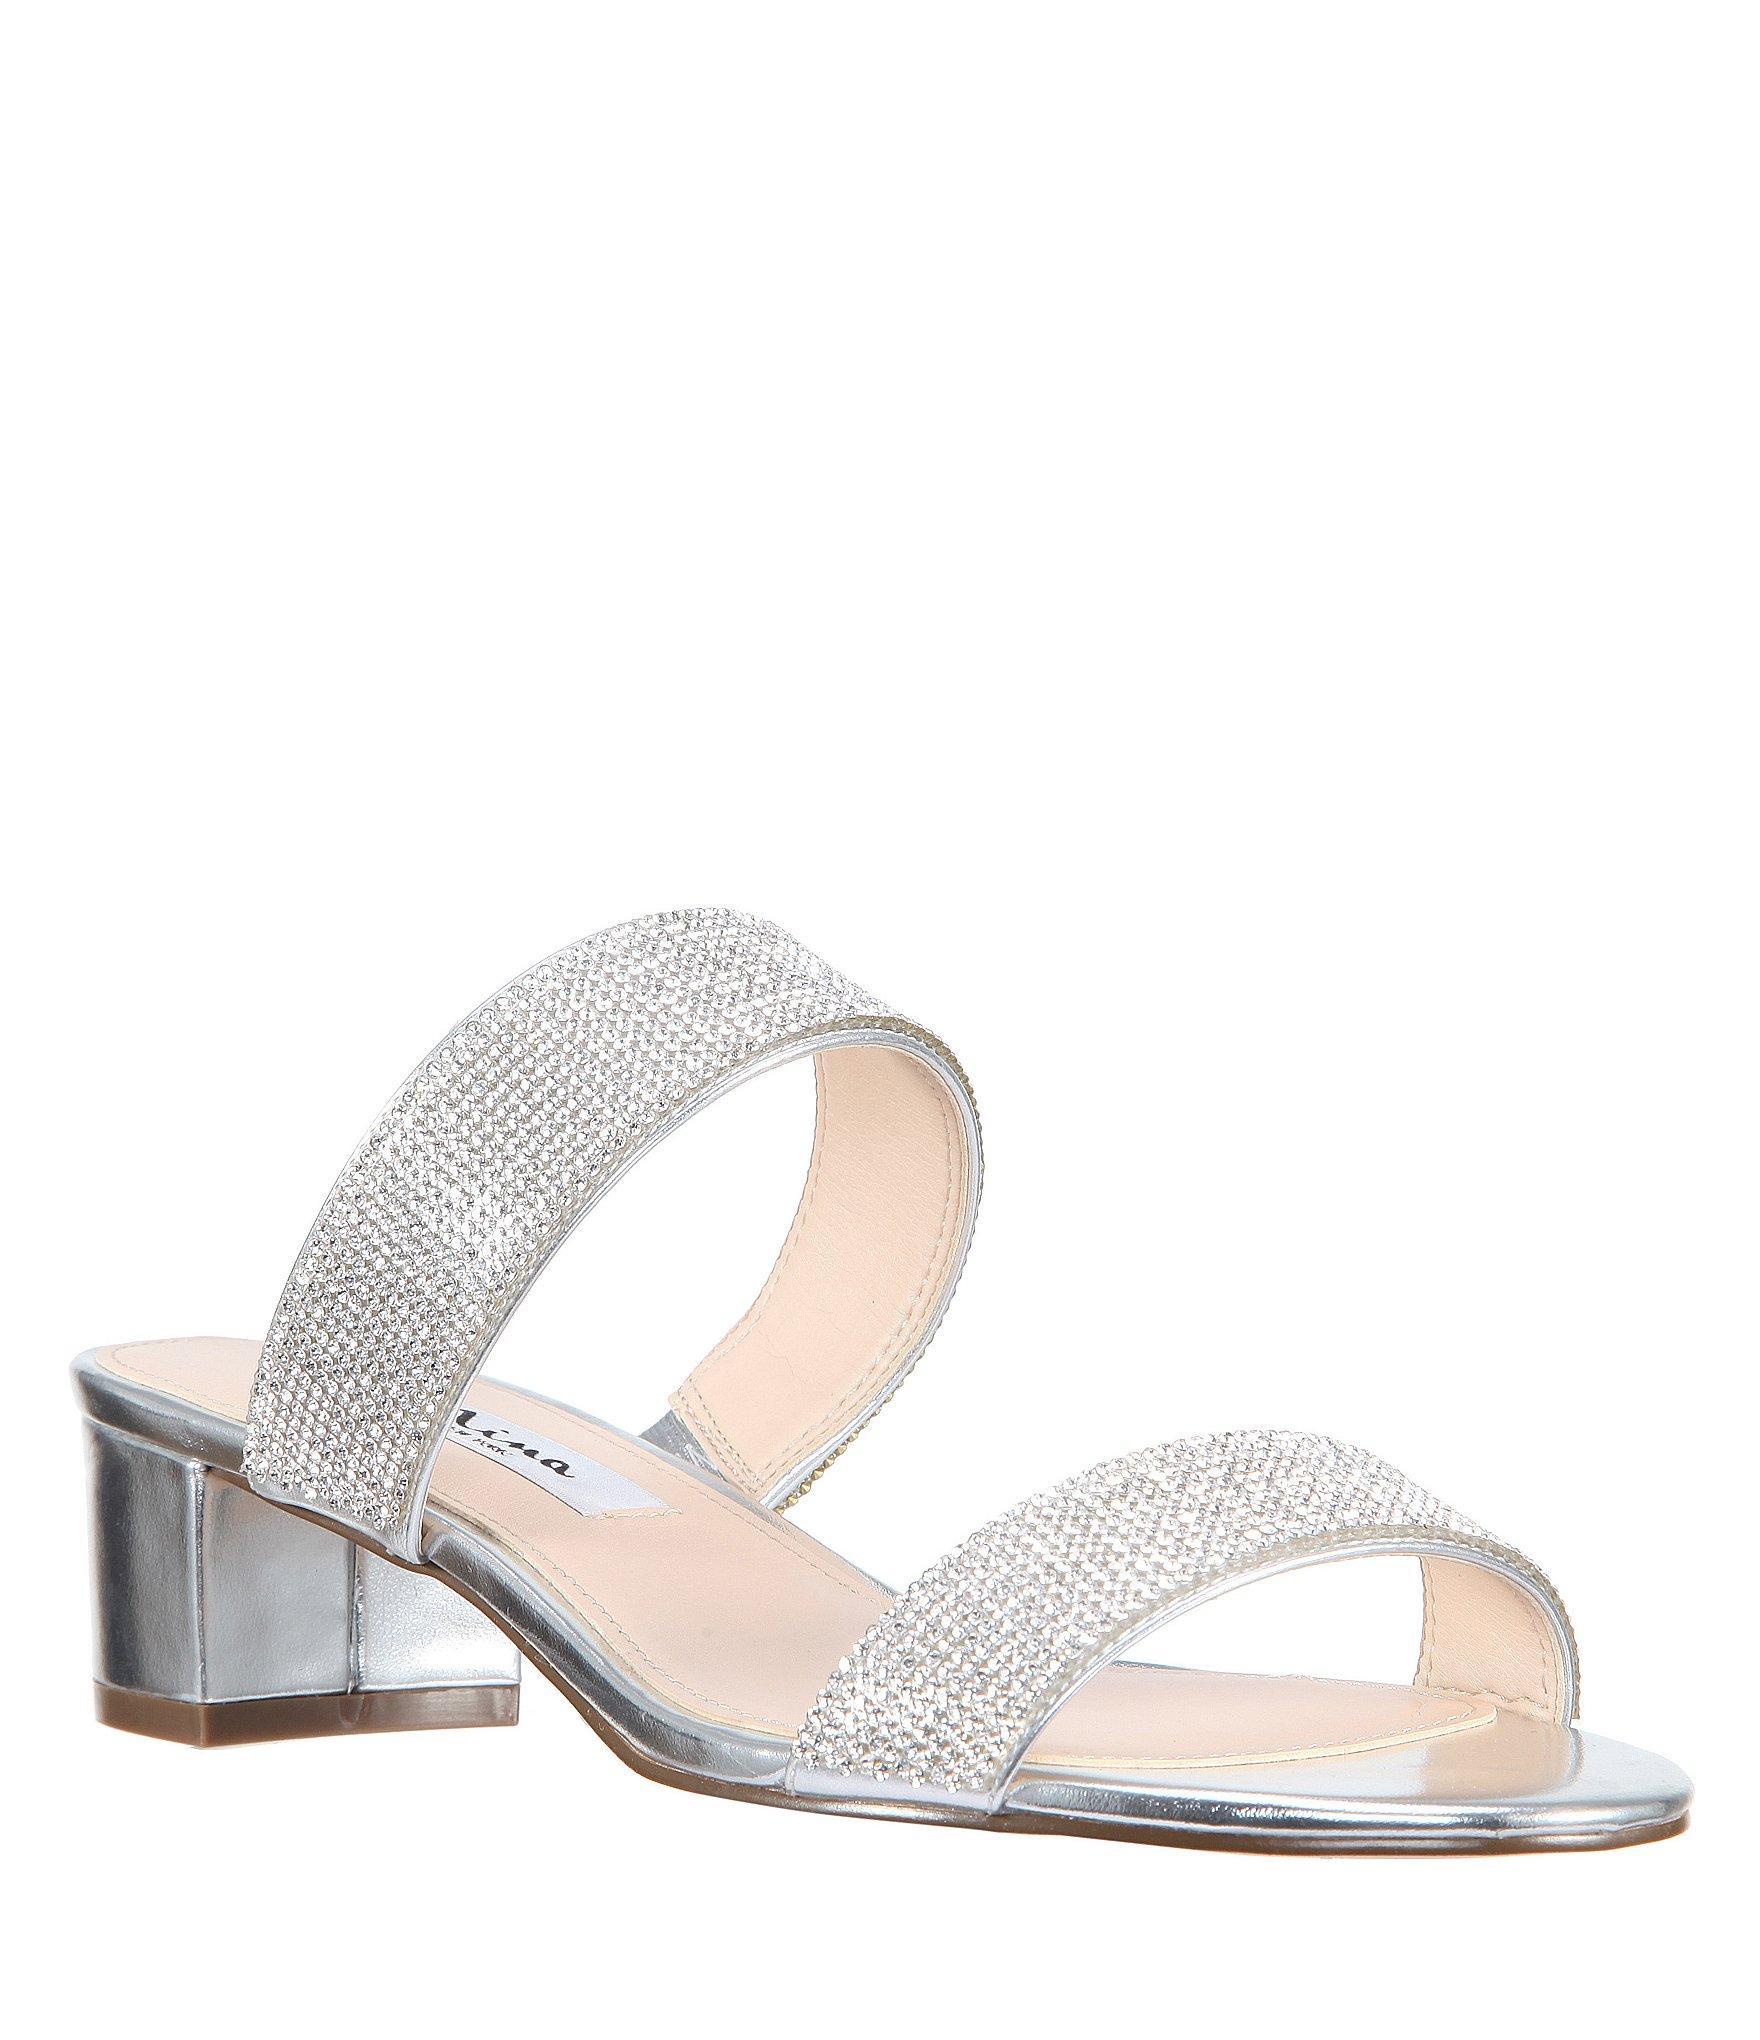 a209b01f64b Women's Georgea Metallic Block Heel Dress Sandals